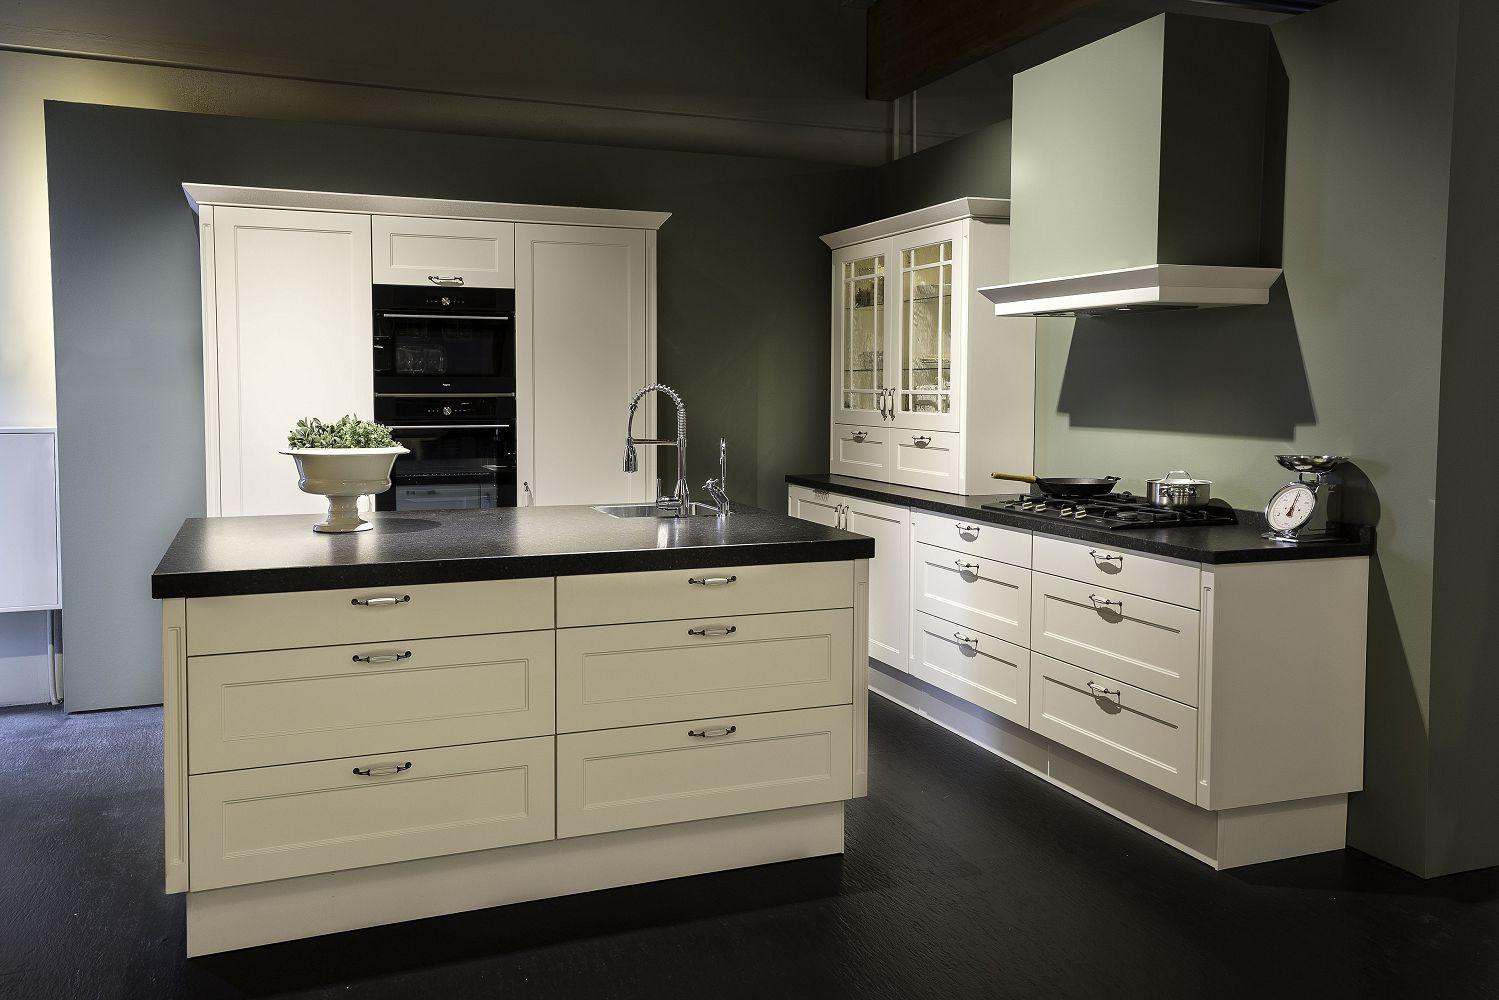 Concordia Keuken&Bad | Landelijk | Keukens | uw adres voor keukens ...